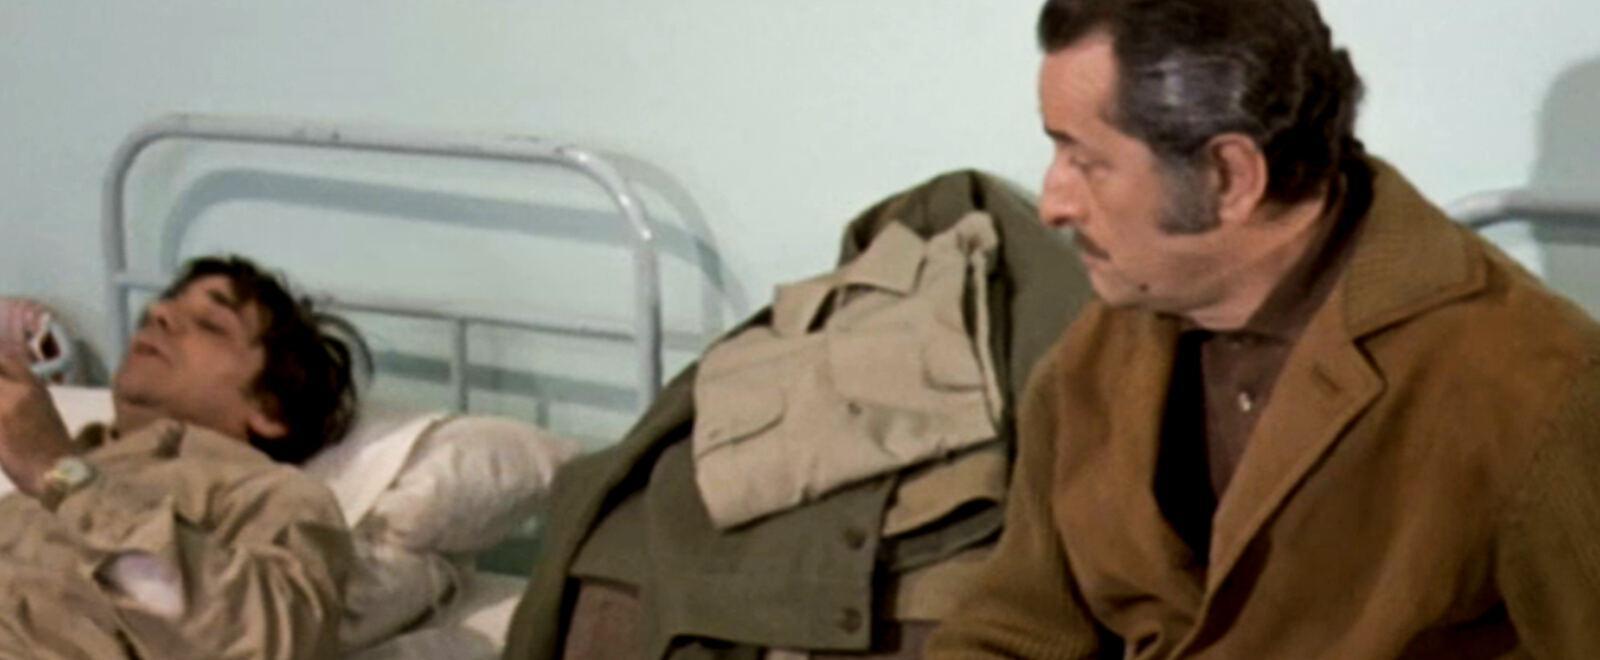 Scusi, si potrebbe evitare il servizio militare?.. no!